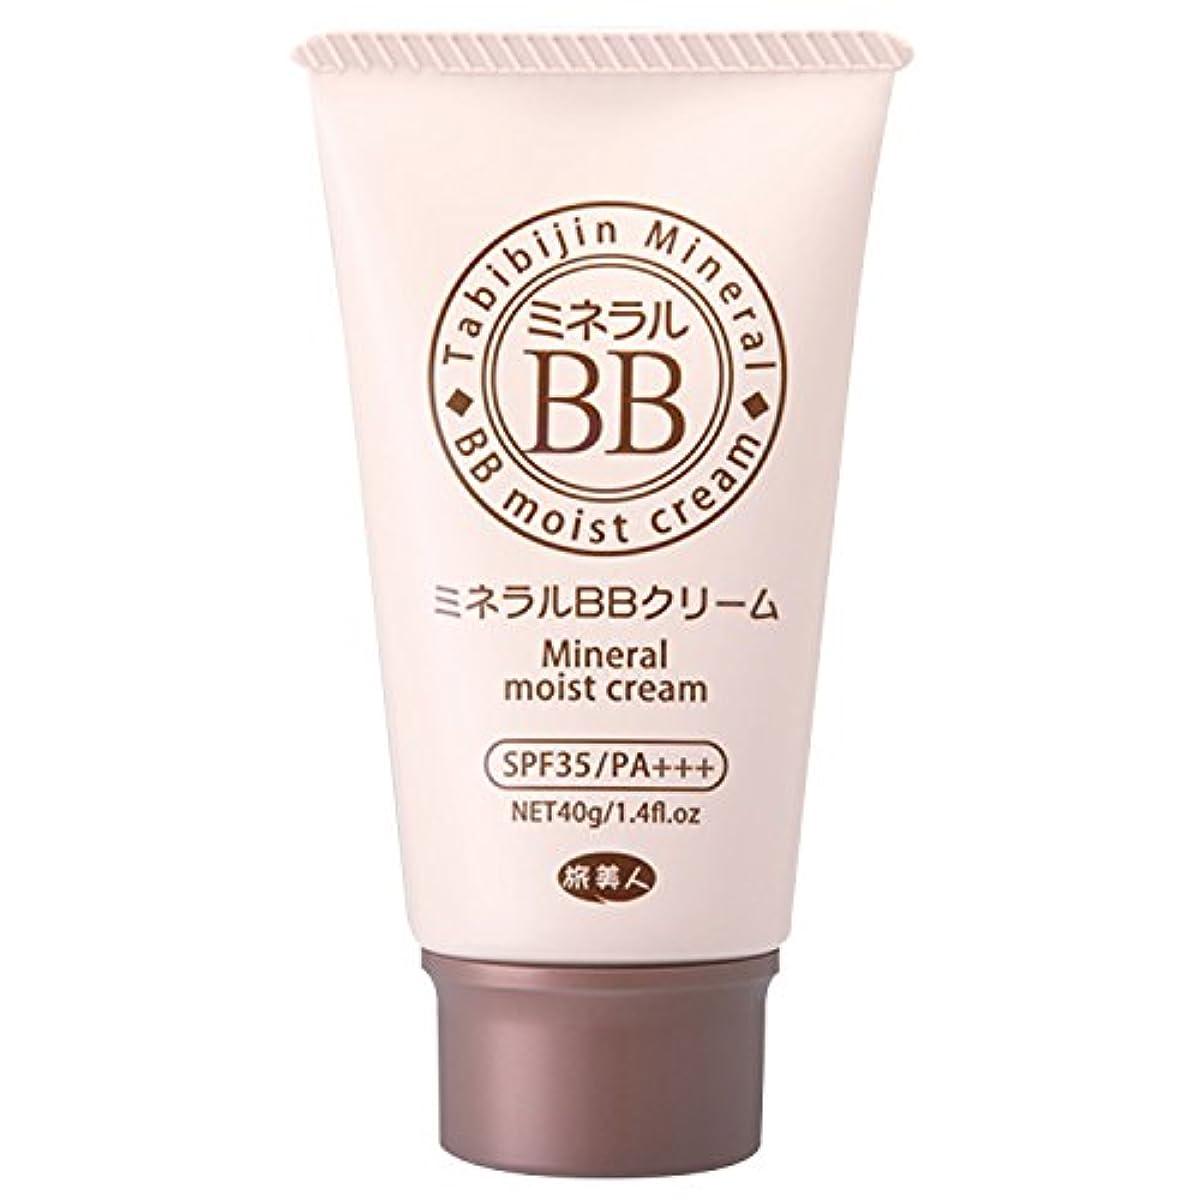 [해외] 아즈마상사 미네랄 BB 크림 40g